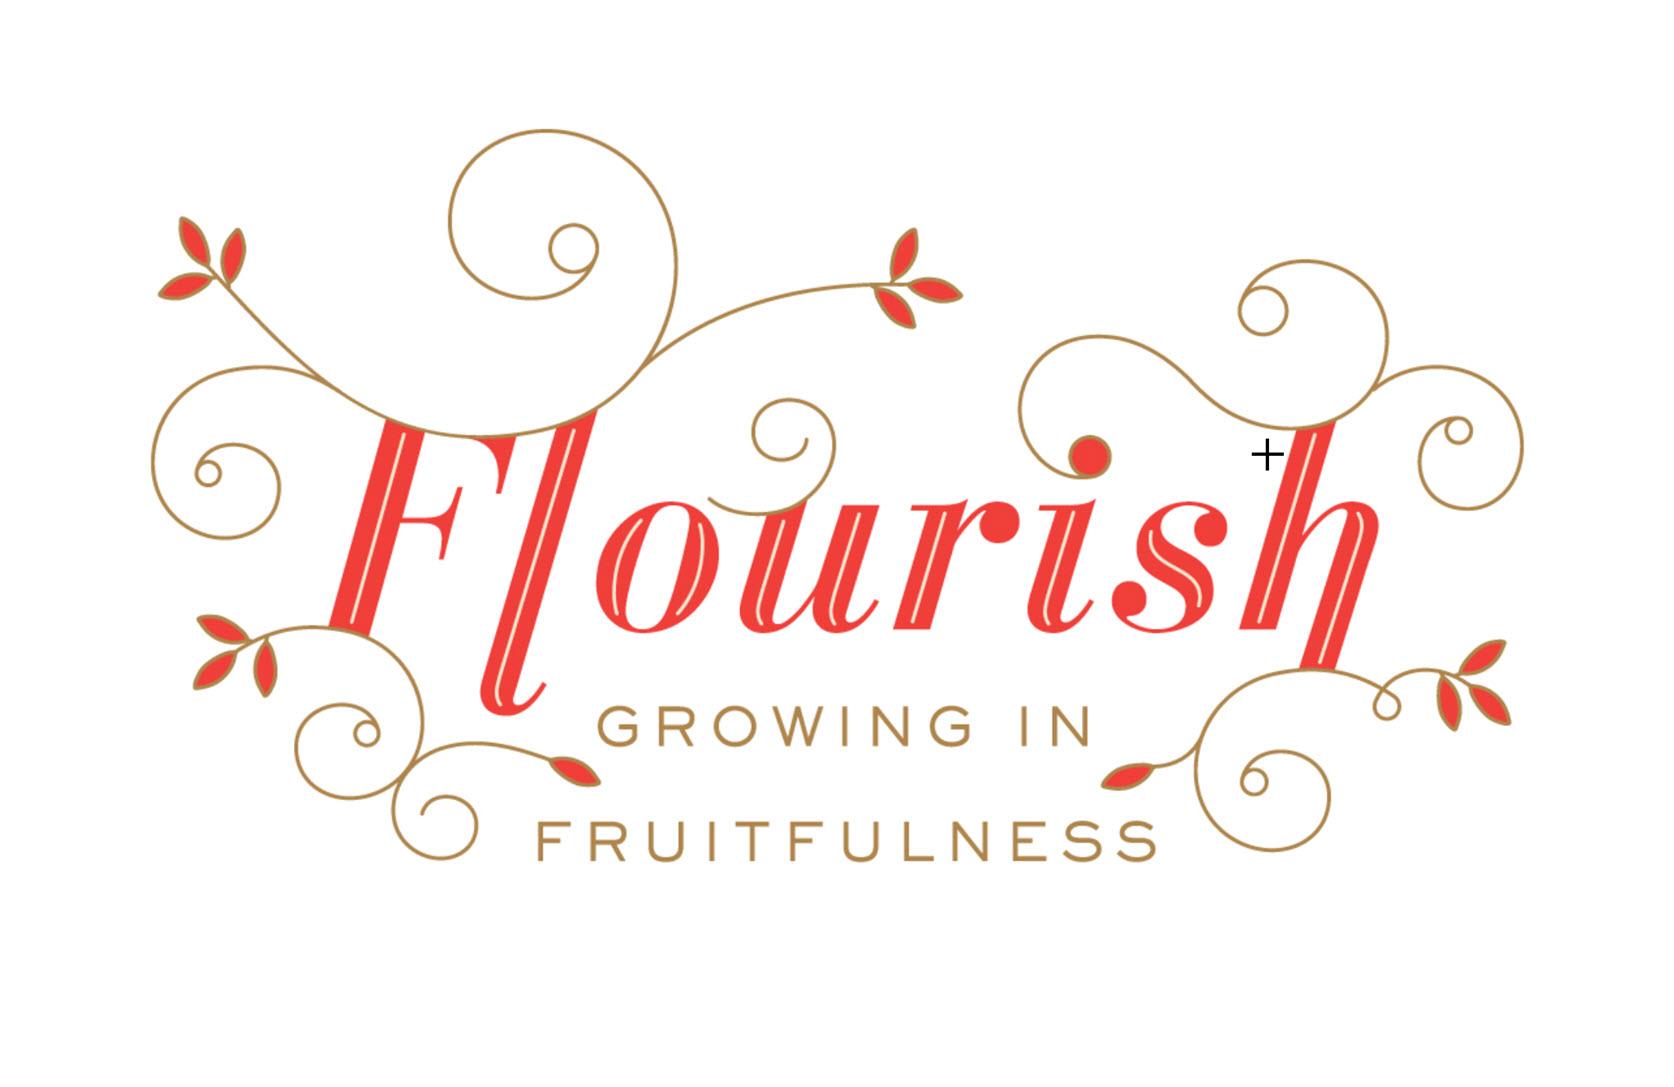 Flourish: Growing in Fruitfulness